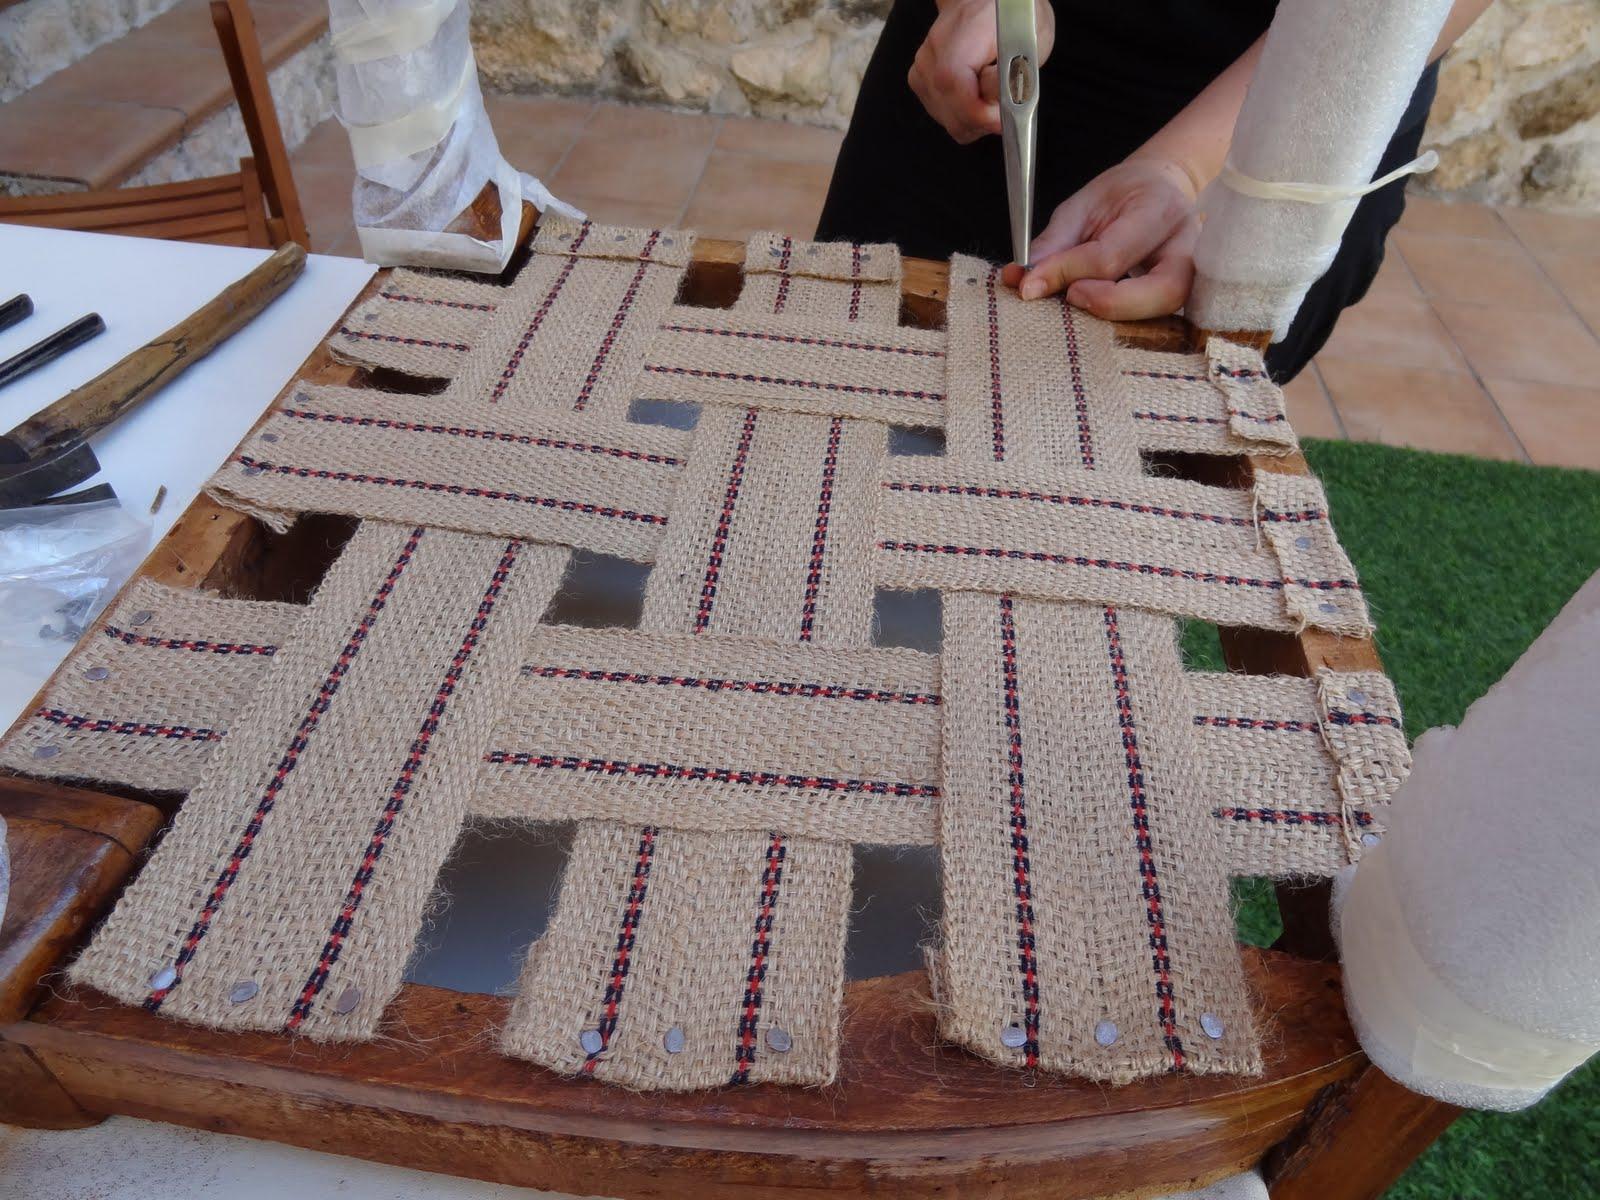 Tallerblog de restauraci n de muebles antiguos curso de for Materiales para tapiceria de muebles